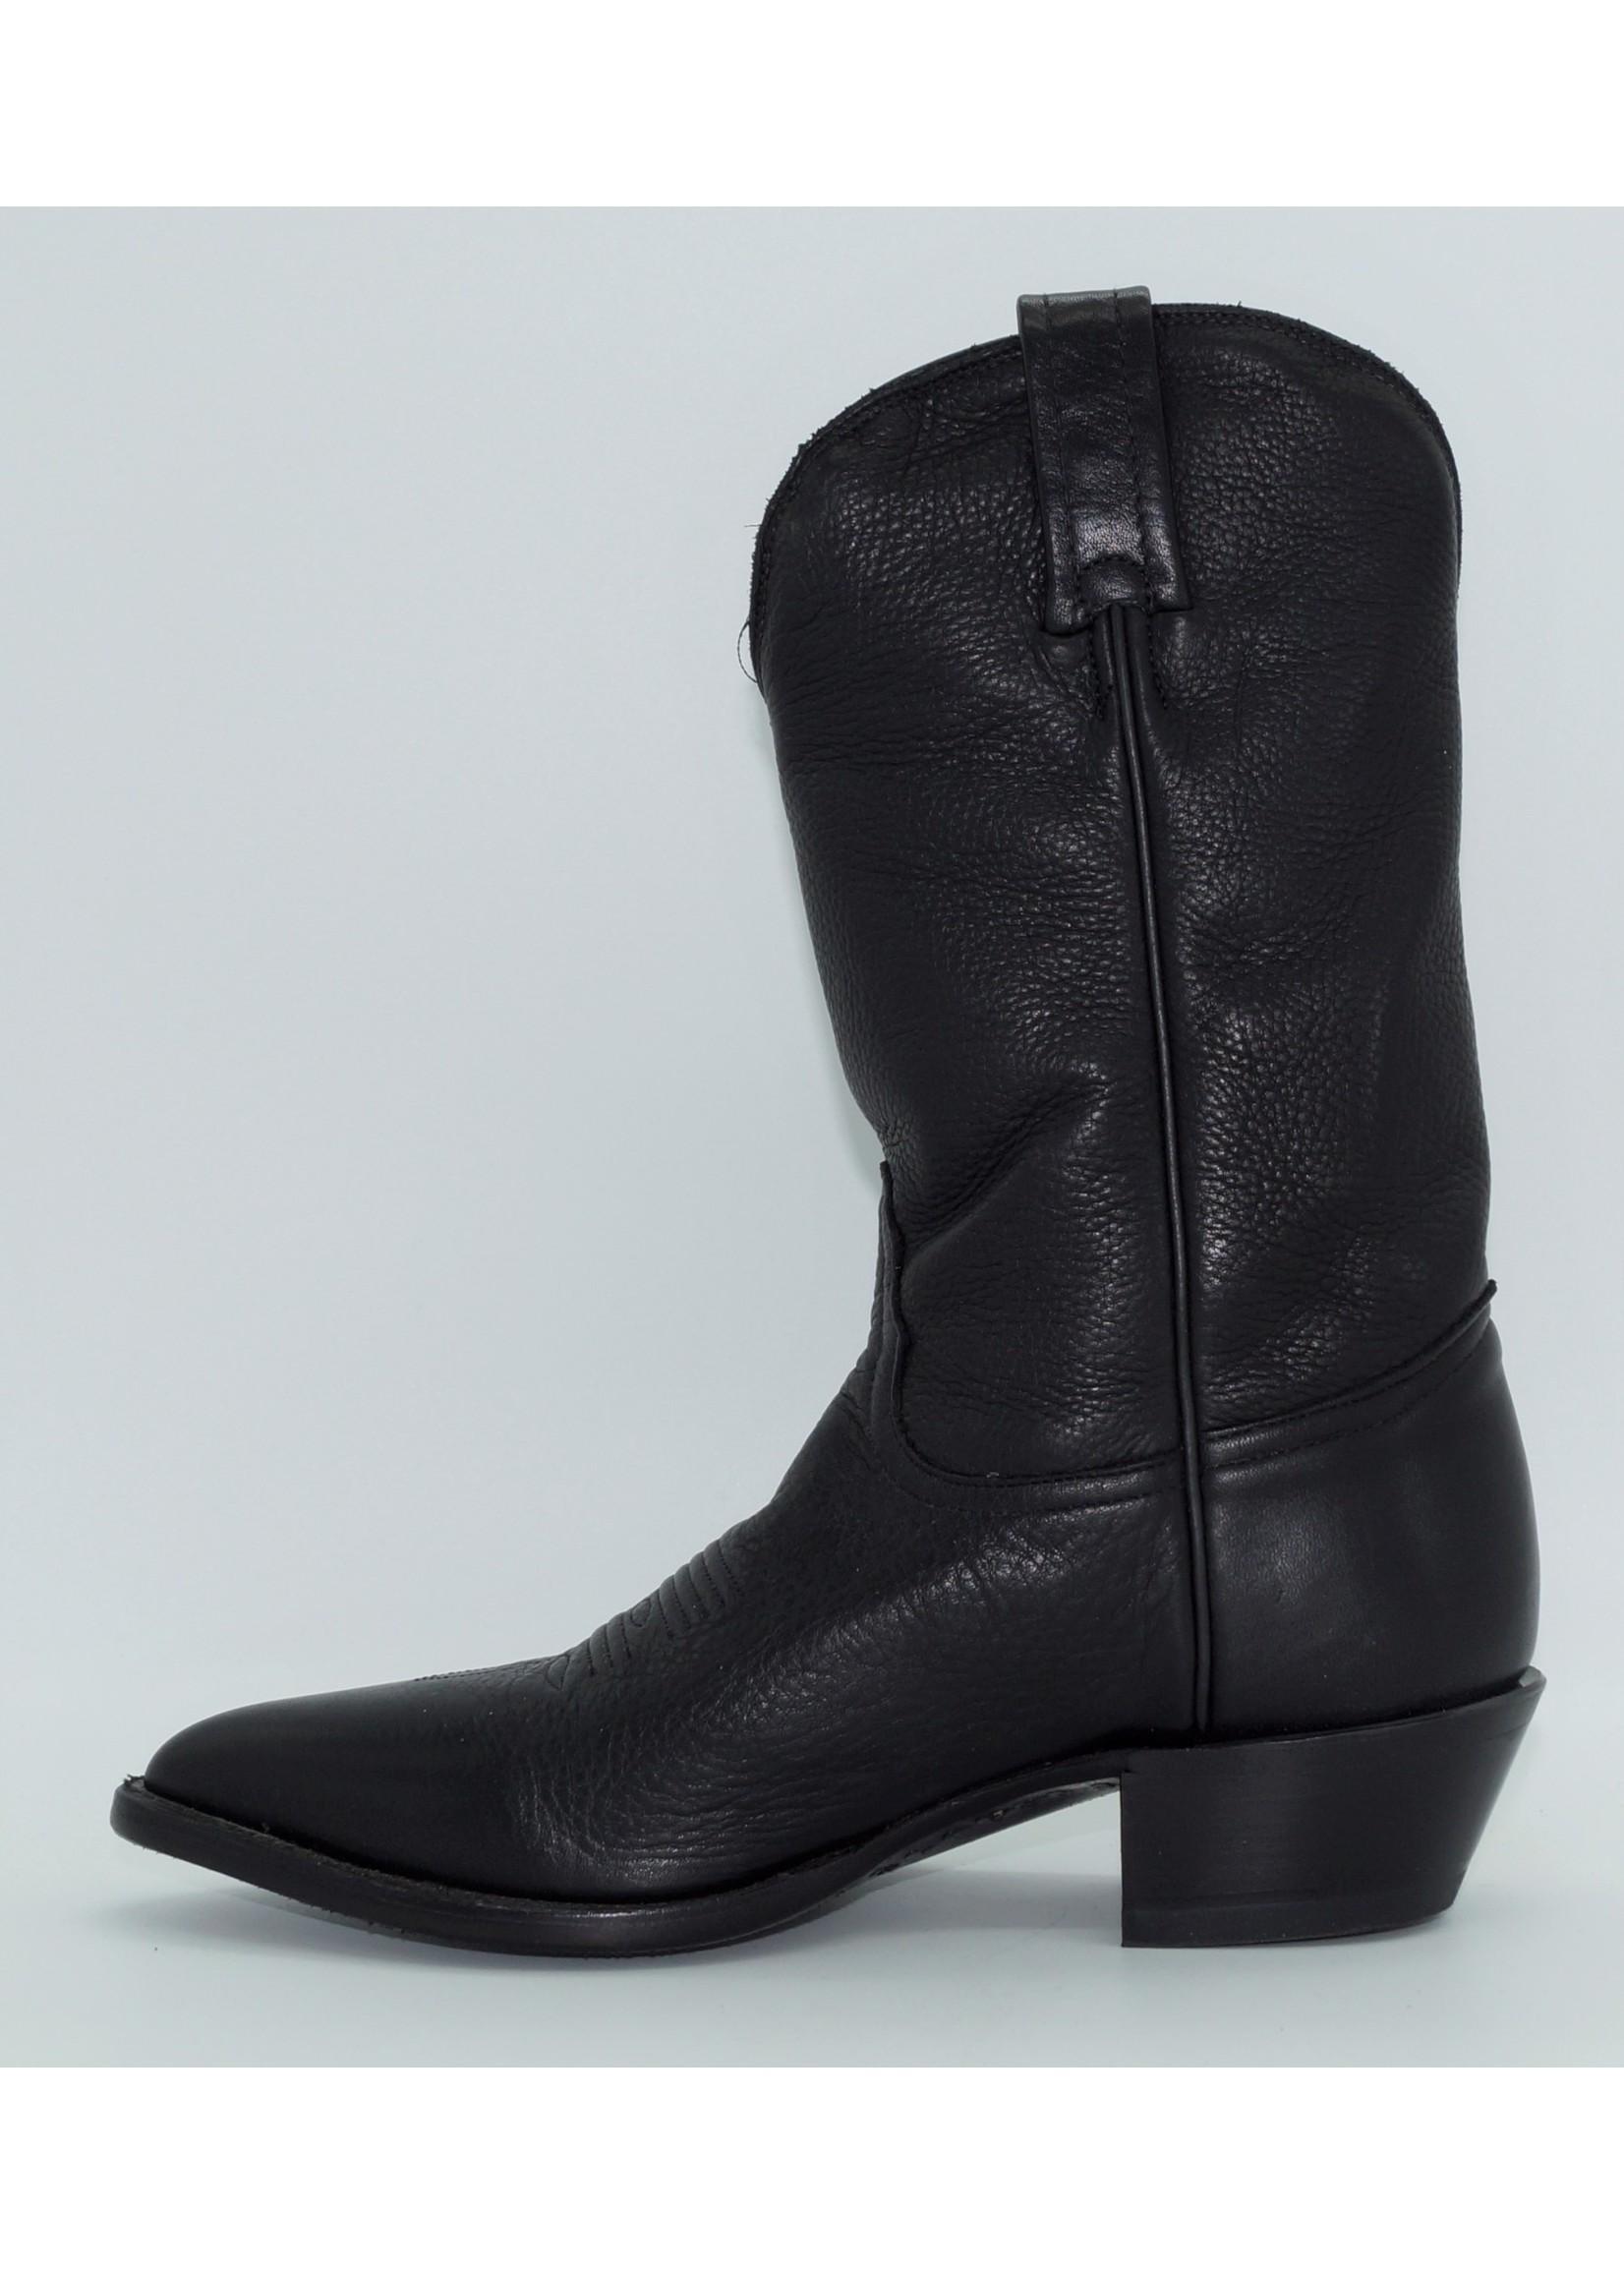 Tony Lama Women's Black Western Dress Boot F5570L